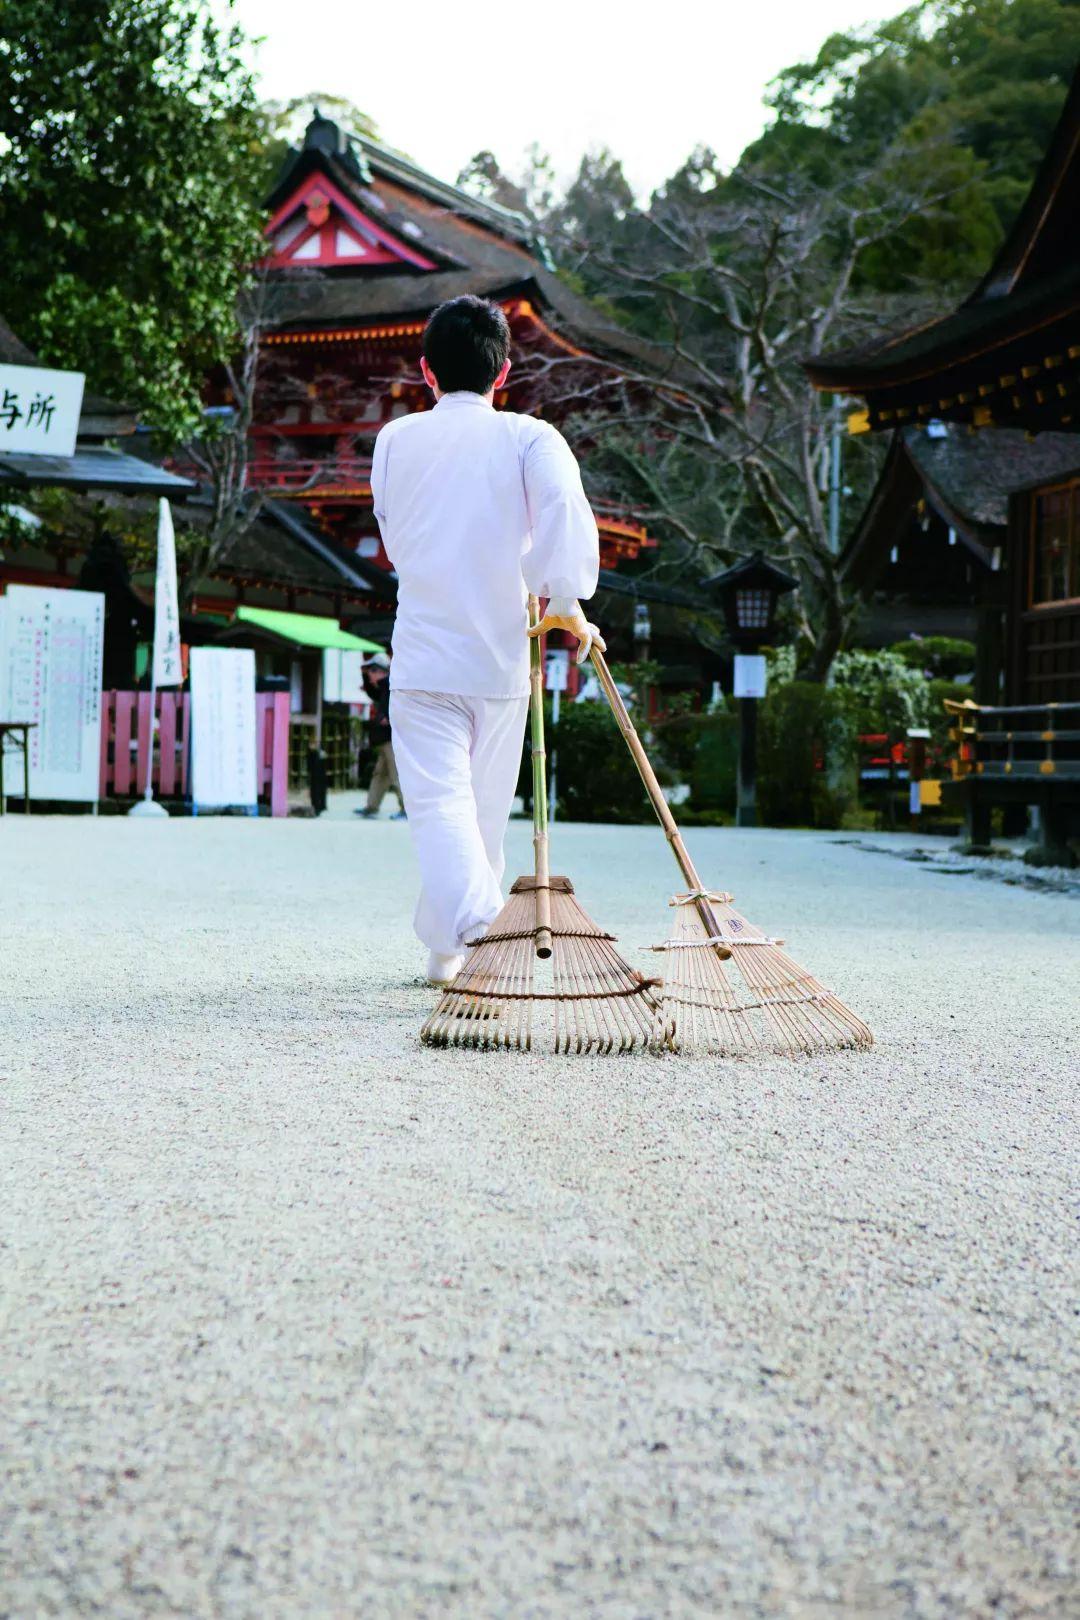 在京都最古老的神社里喝了一杯酒  恍惚到我今天还在晕